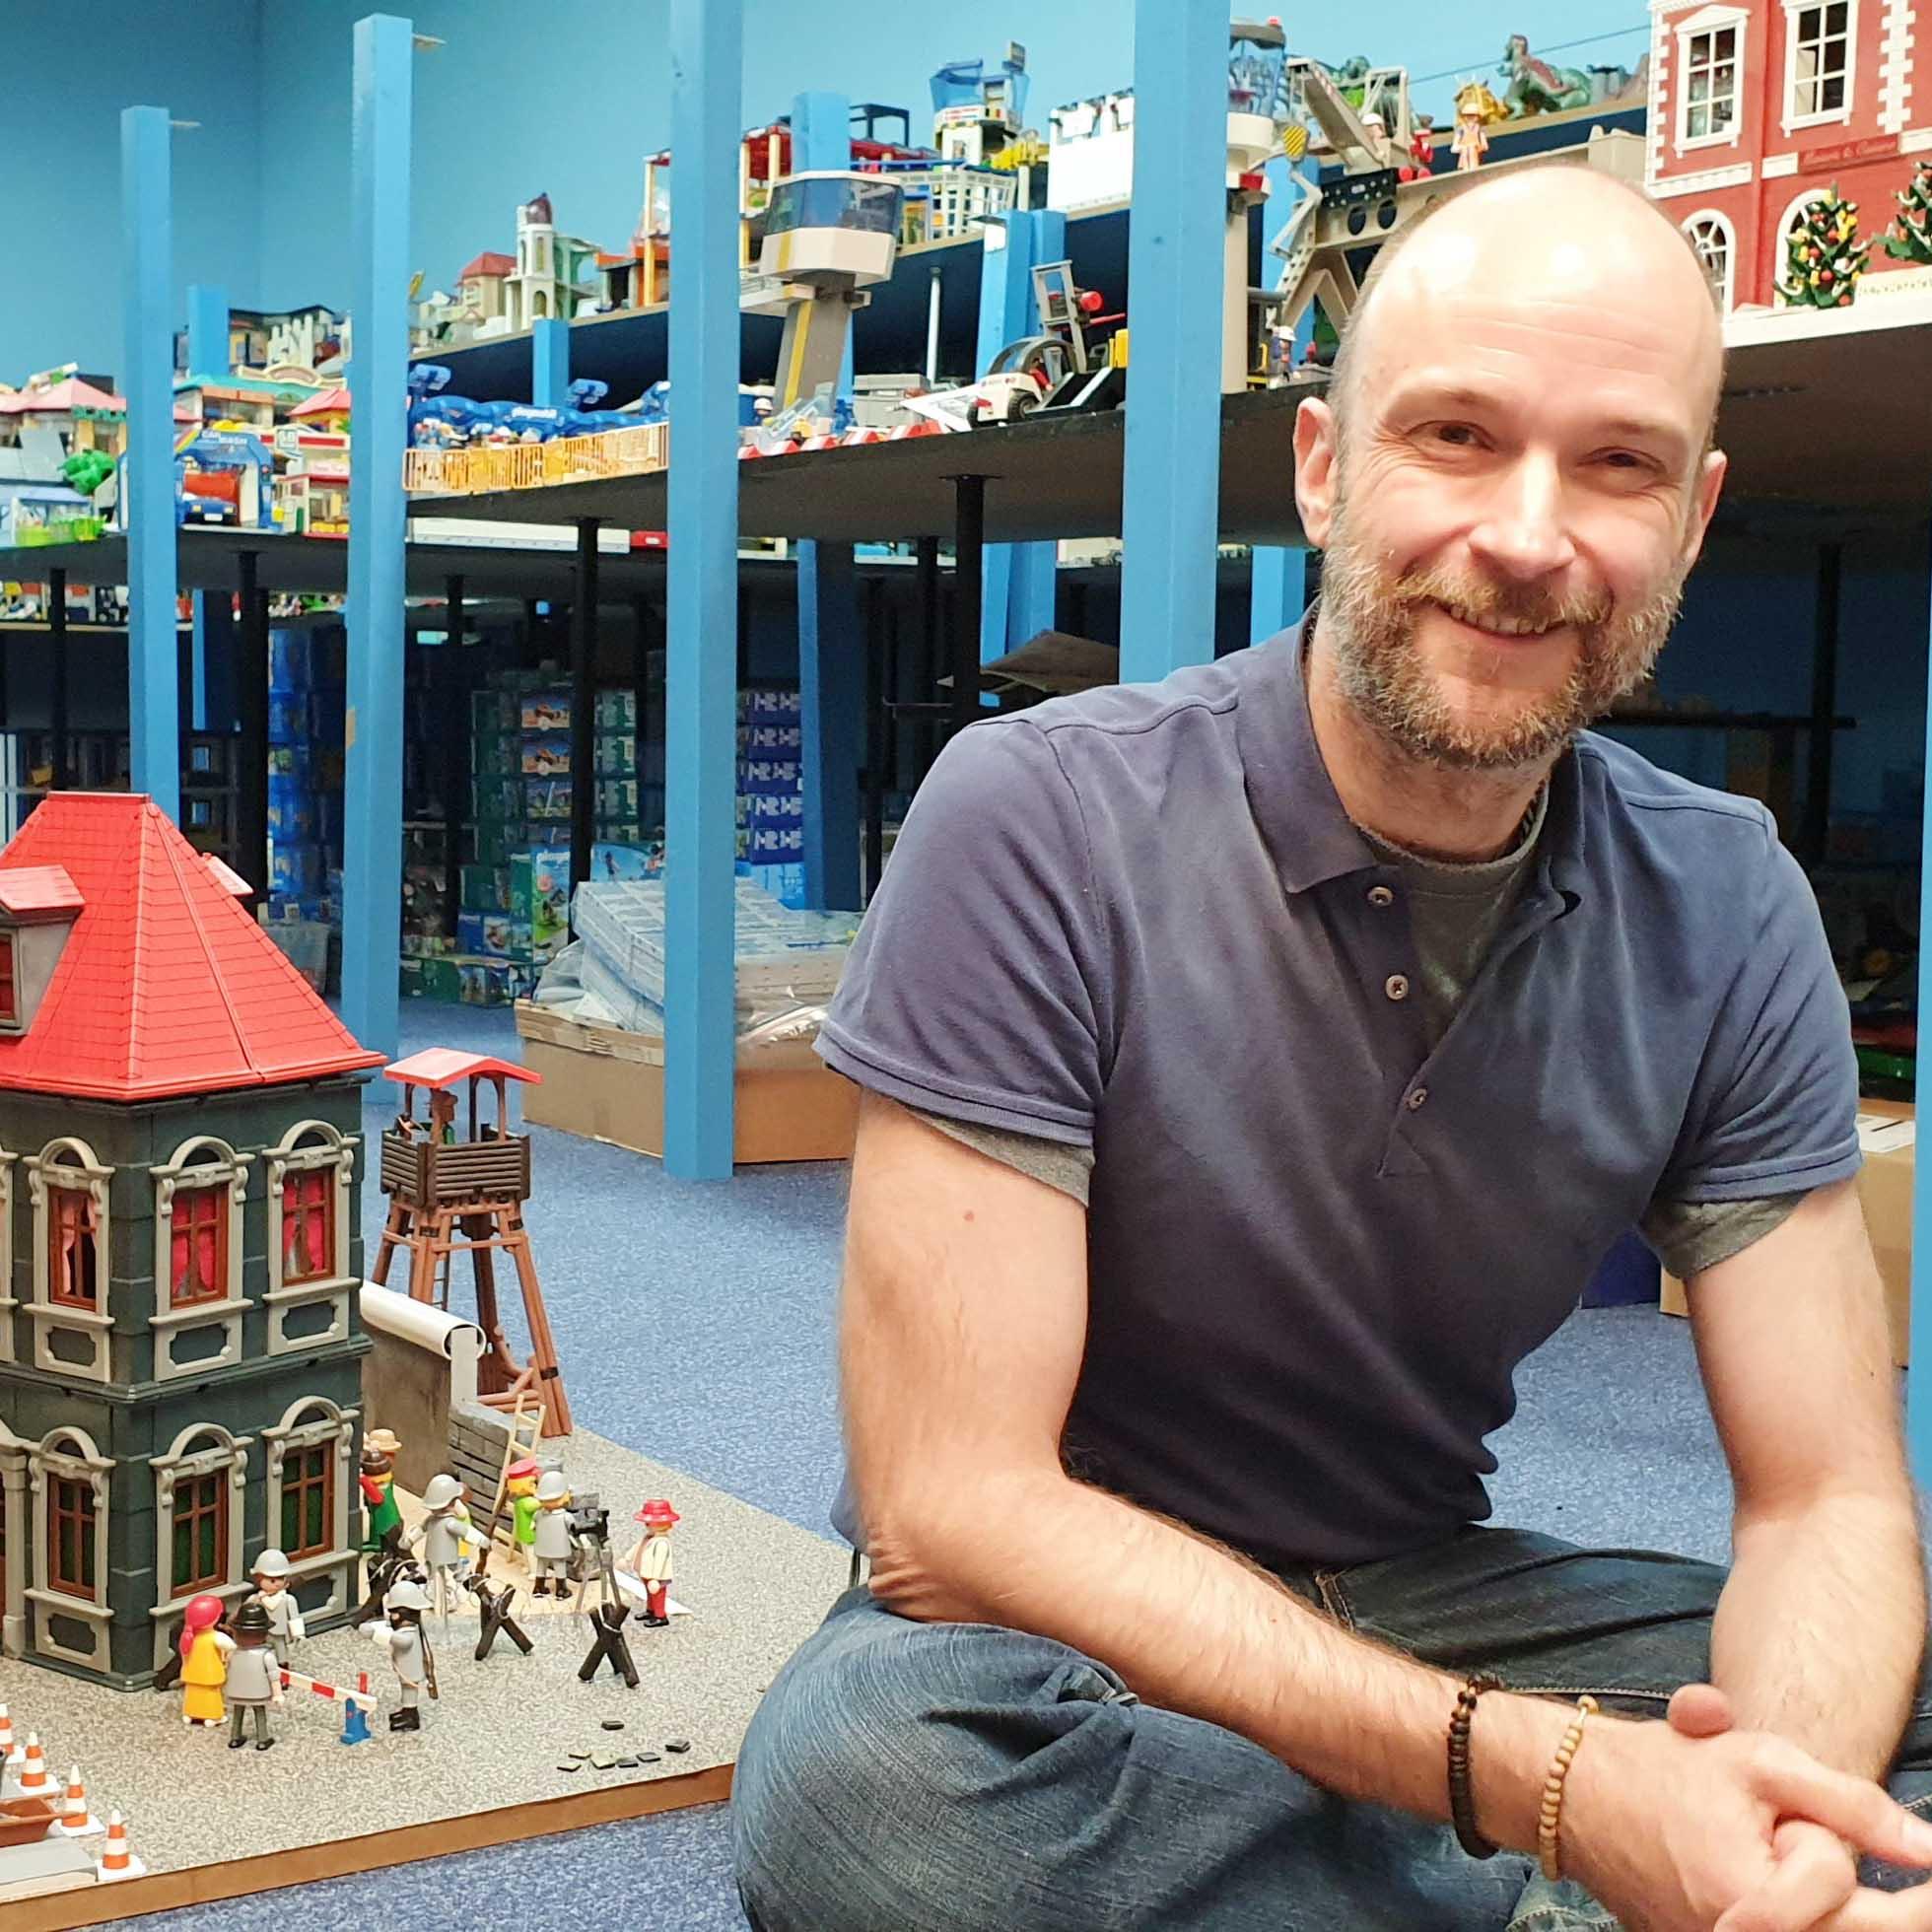 Style Hannover Packeiser Werkstatt1 - Robert Packeiser: Pädagoge, Künstler und ... Playmobil